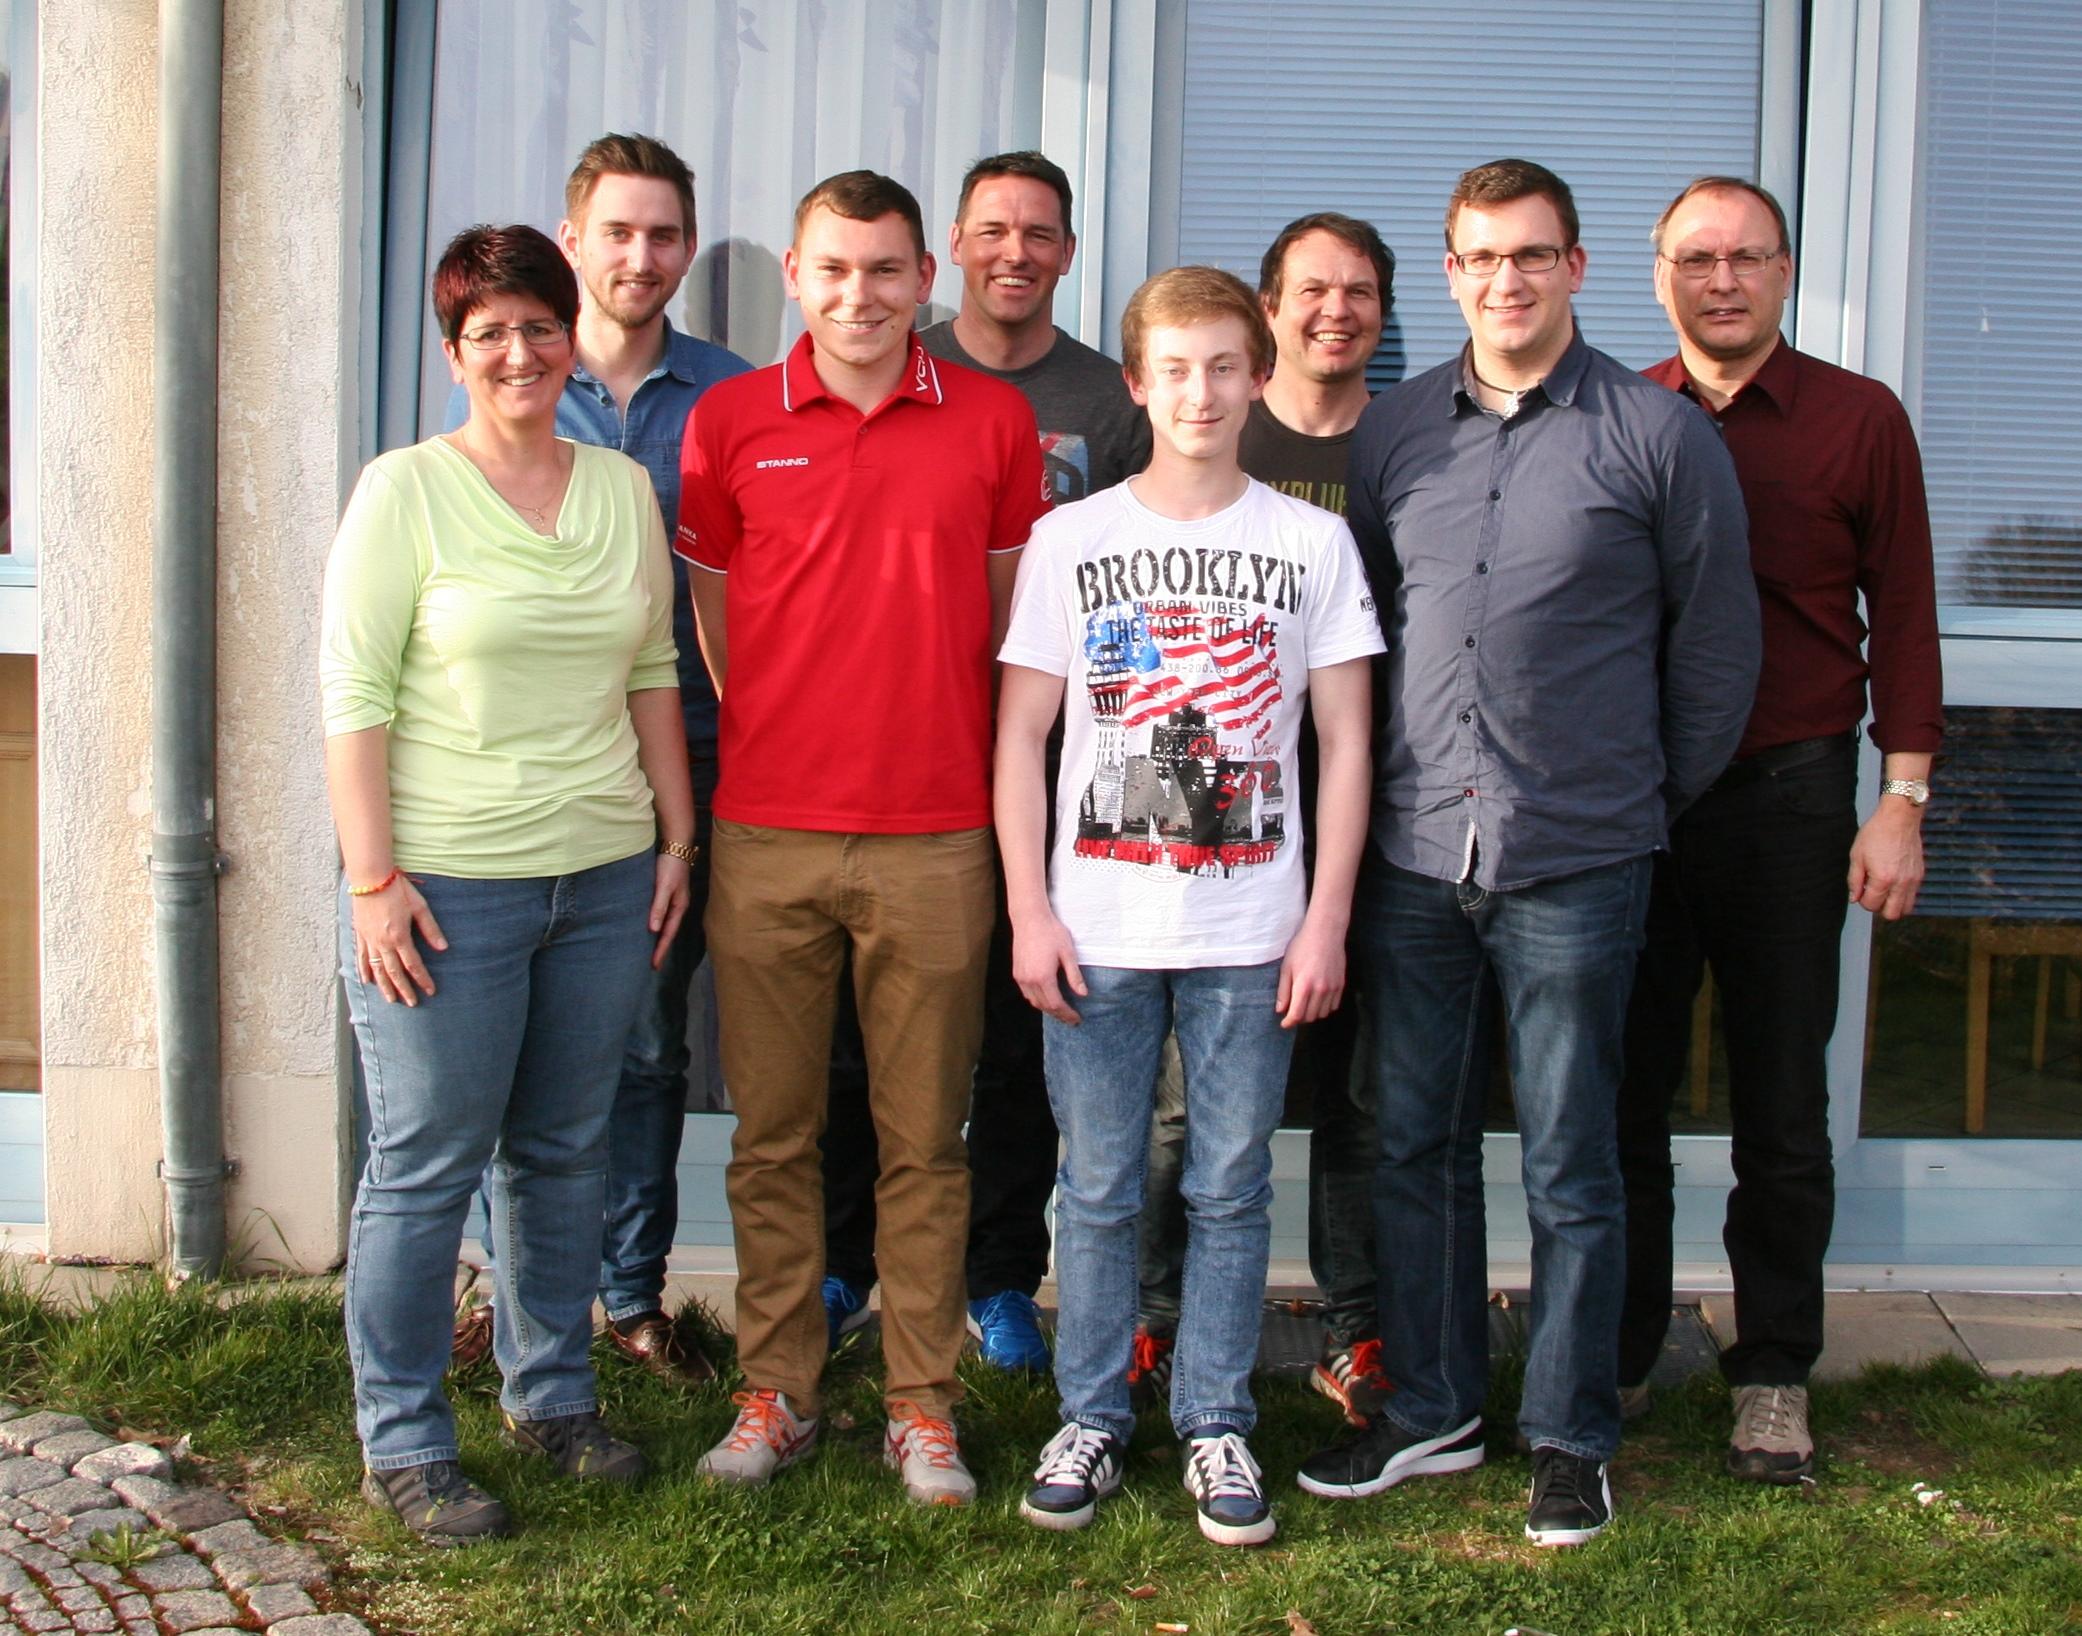 Die neue Vorstandschaft mit dem Vorstandsteam Max Schwinger (2. V. l.), Markus Fleischmann (3. V. l.) und Matthias Fleischmann (2. V. r.). Es fehlen Andreas Fleischmann und Wolfgang Heldmann (Bild: fv).